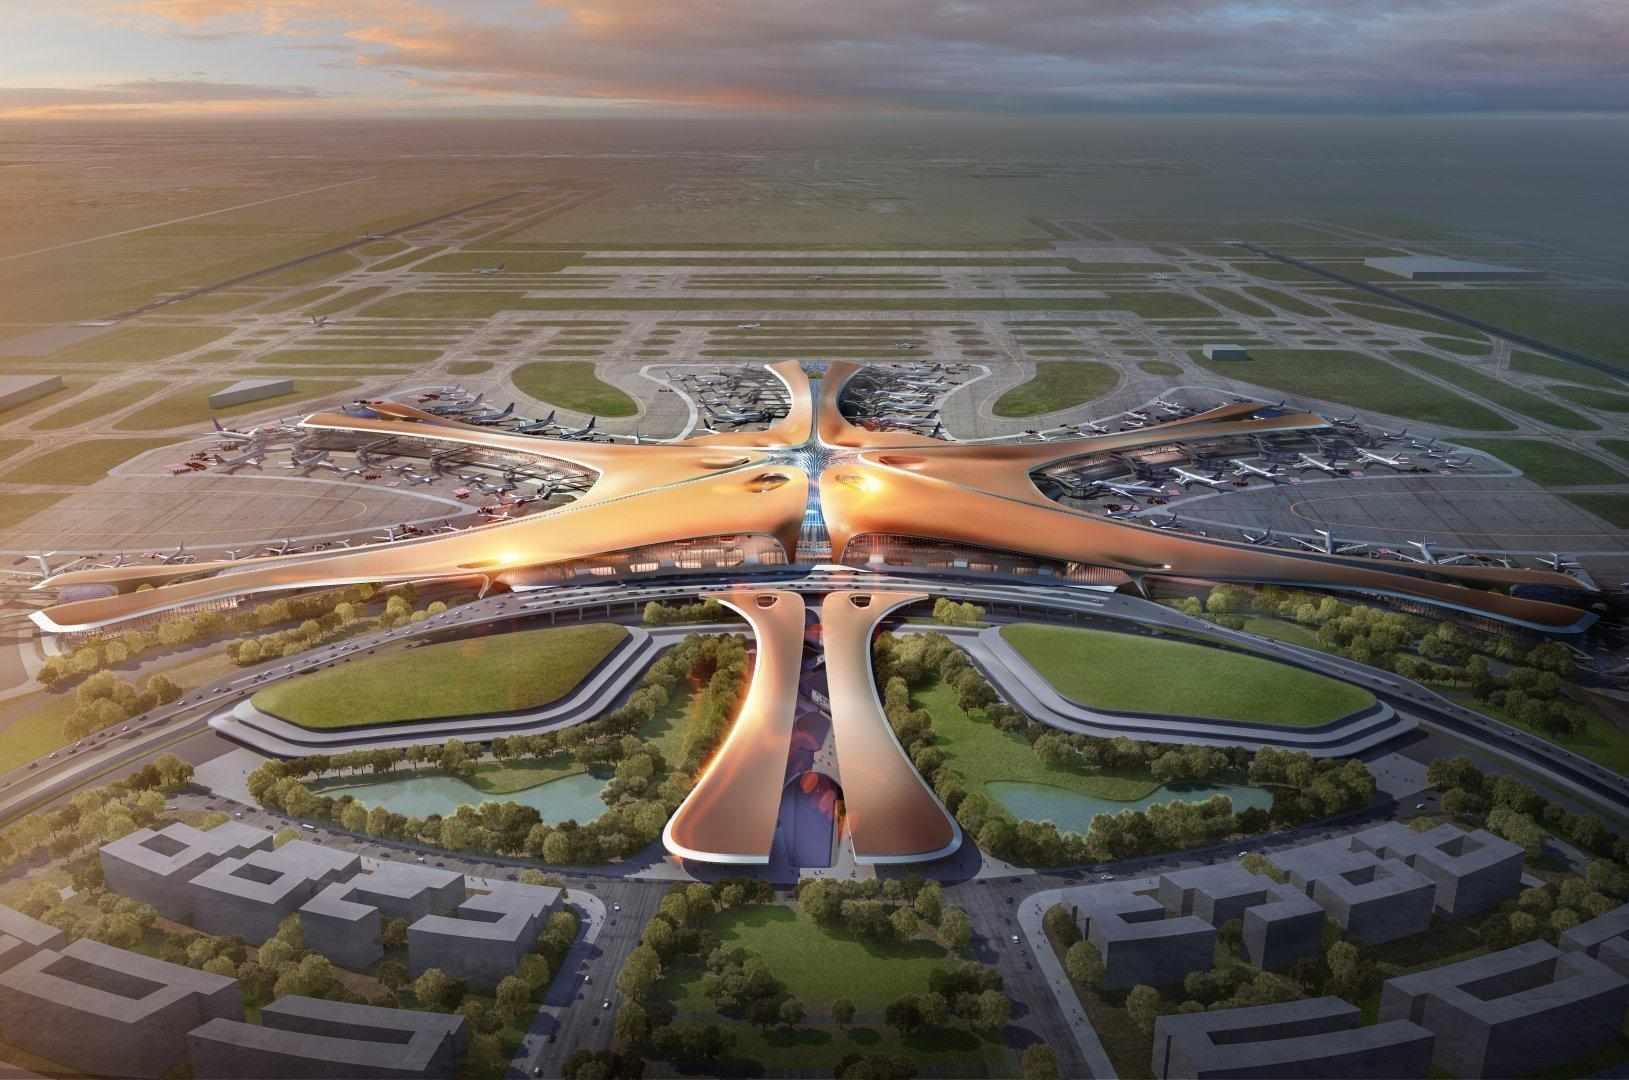 Ecco l'aeroporto più grande del mondo (lo ha disegnato Zaha Hadid)